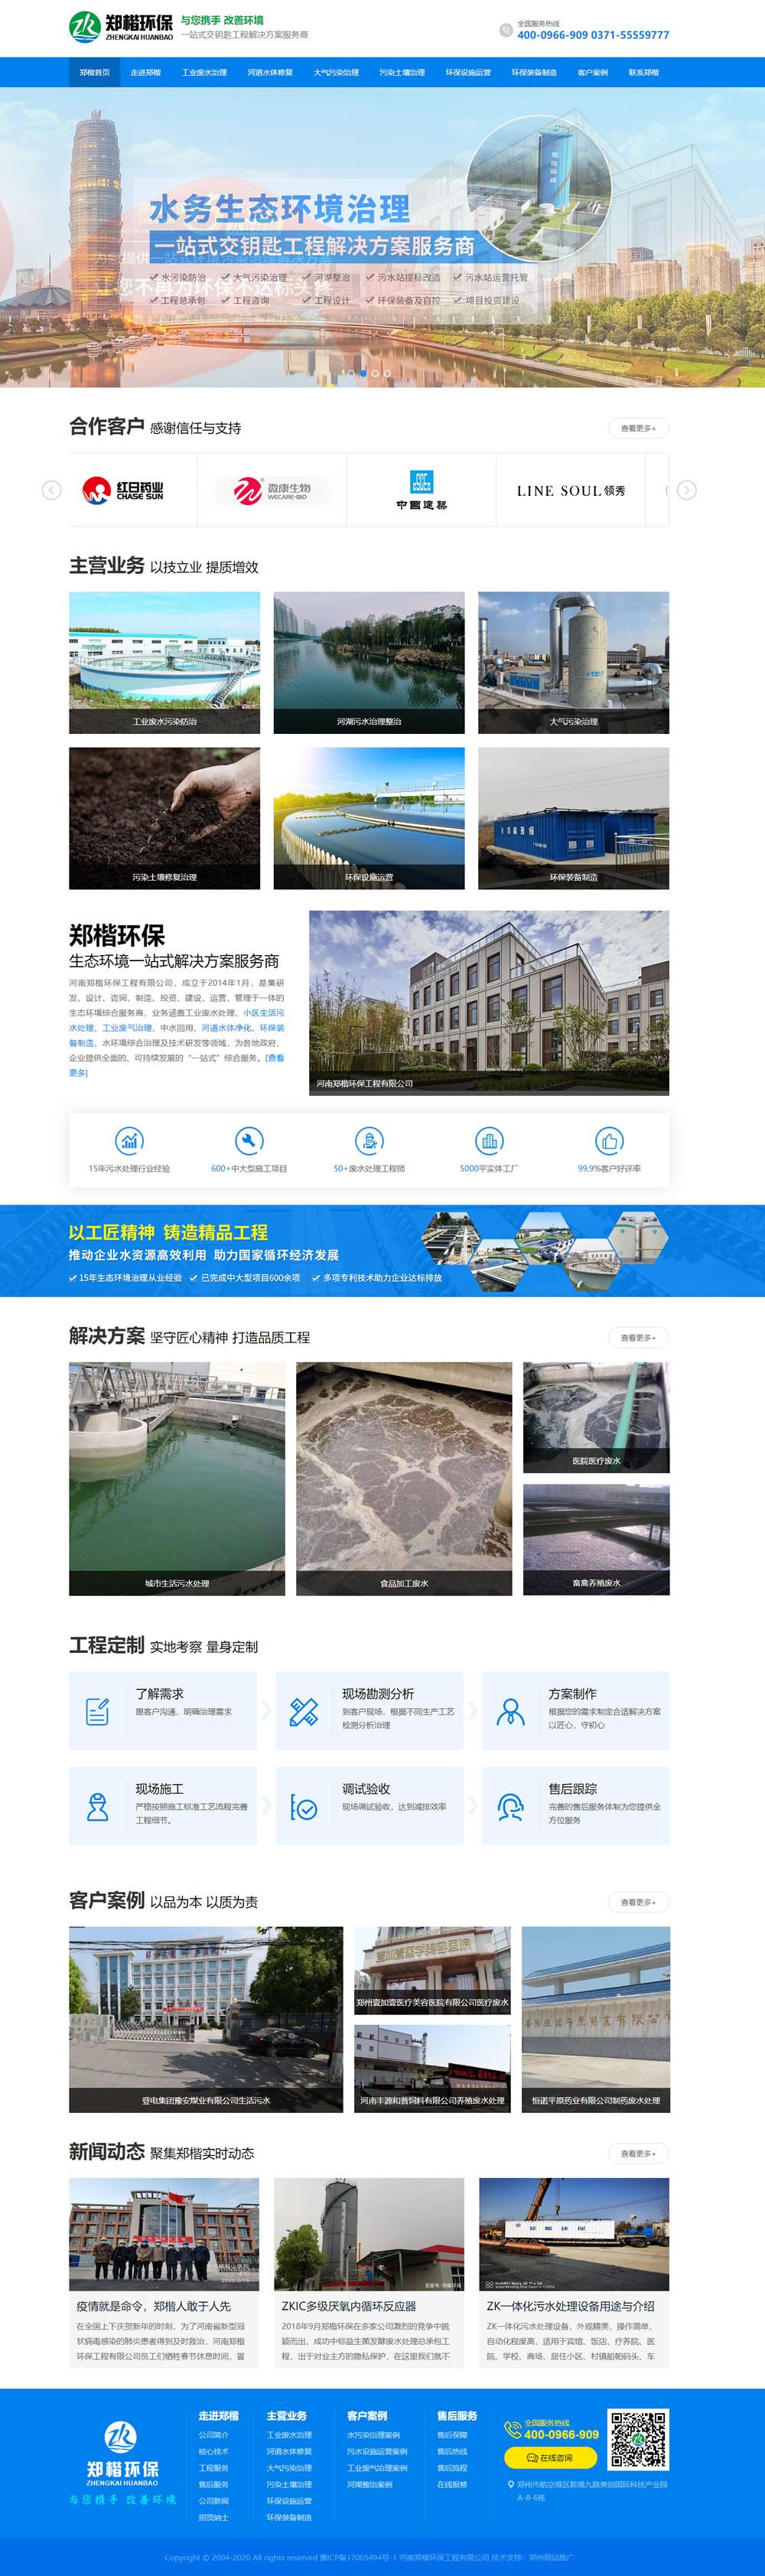 河南郑楷环保工程有限公司首页